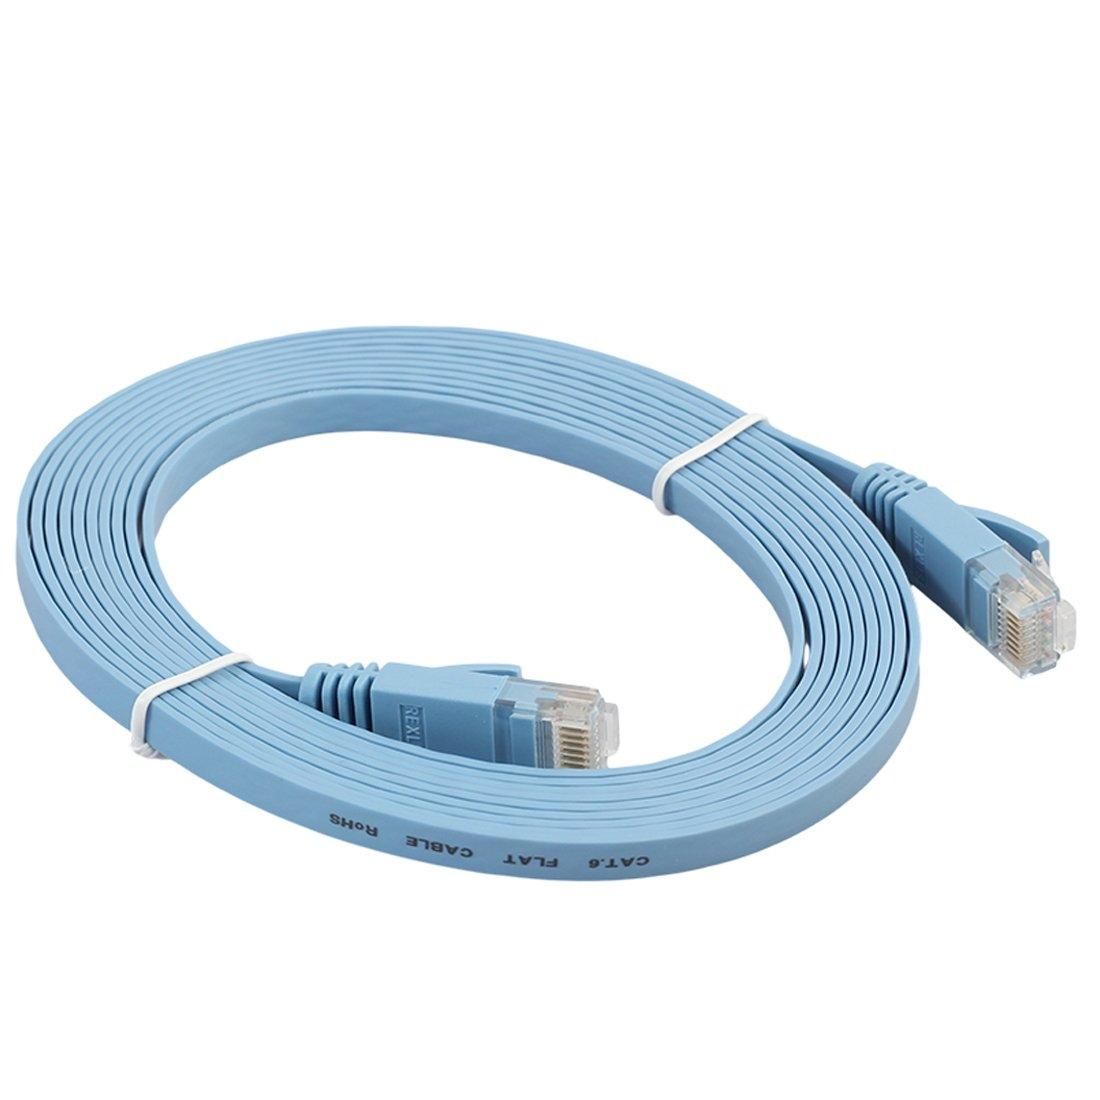 Cable Red Categoría Cat6 Utp Rj45 Ethernet Plano Categoria 6 Modem ...